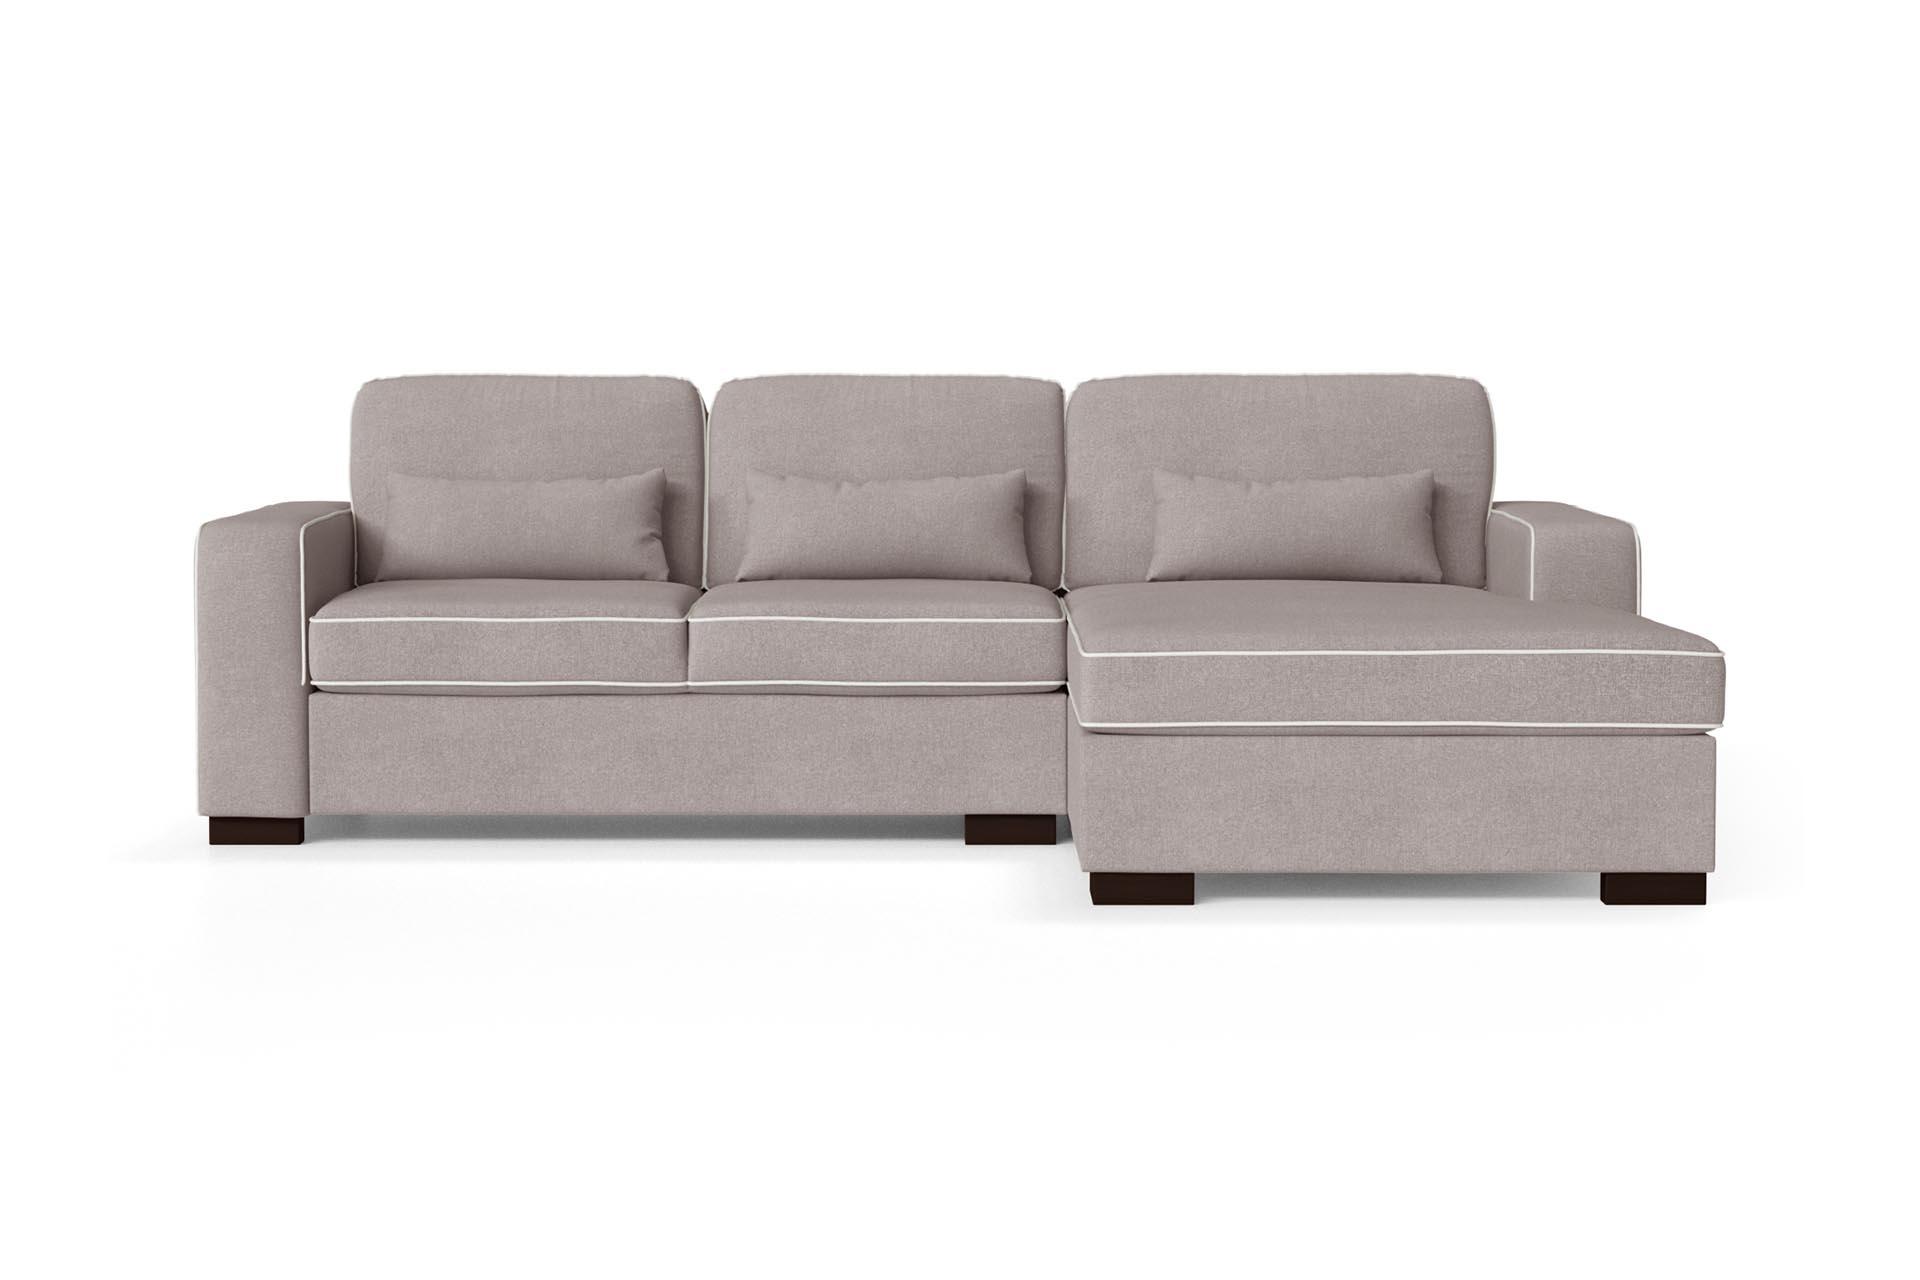 Canapé d'angle droit 4 places toucher coton rose poudré/gris clair